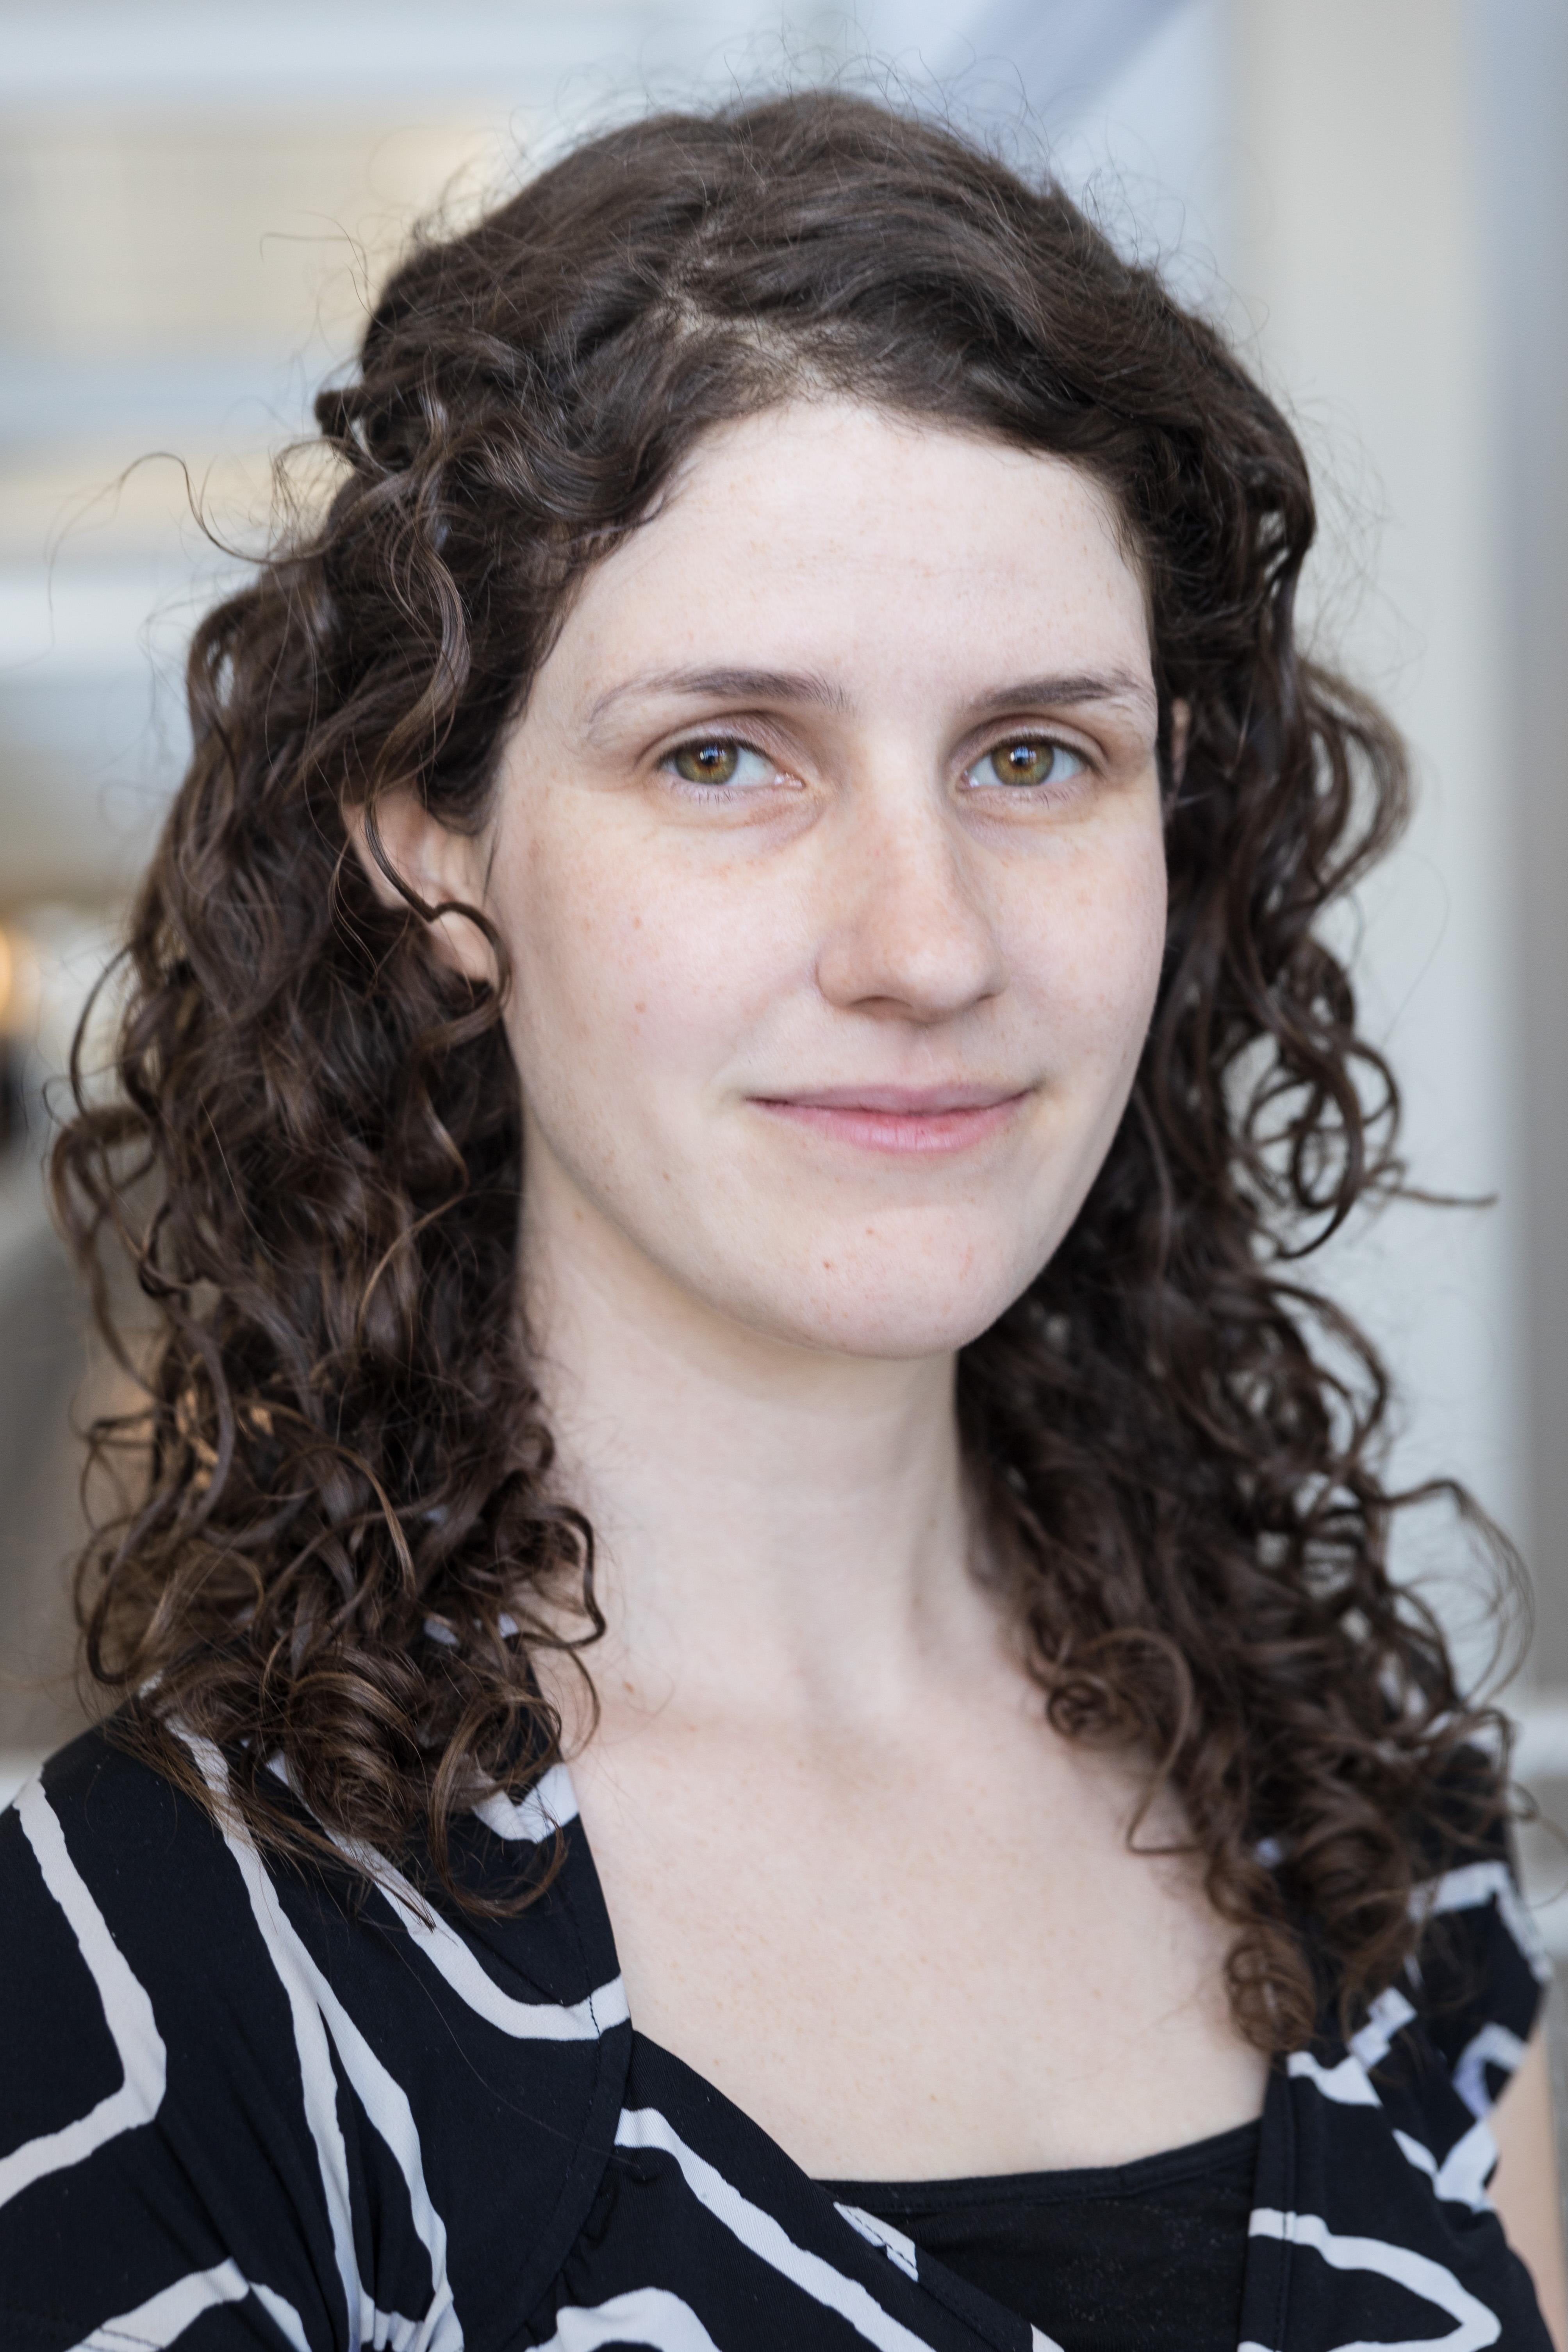 Erica Rutter